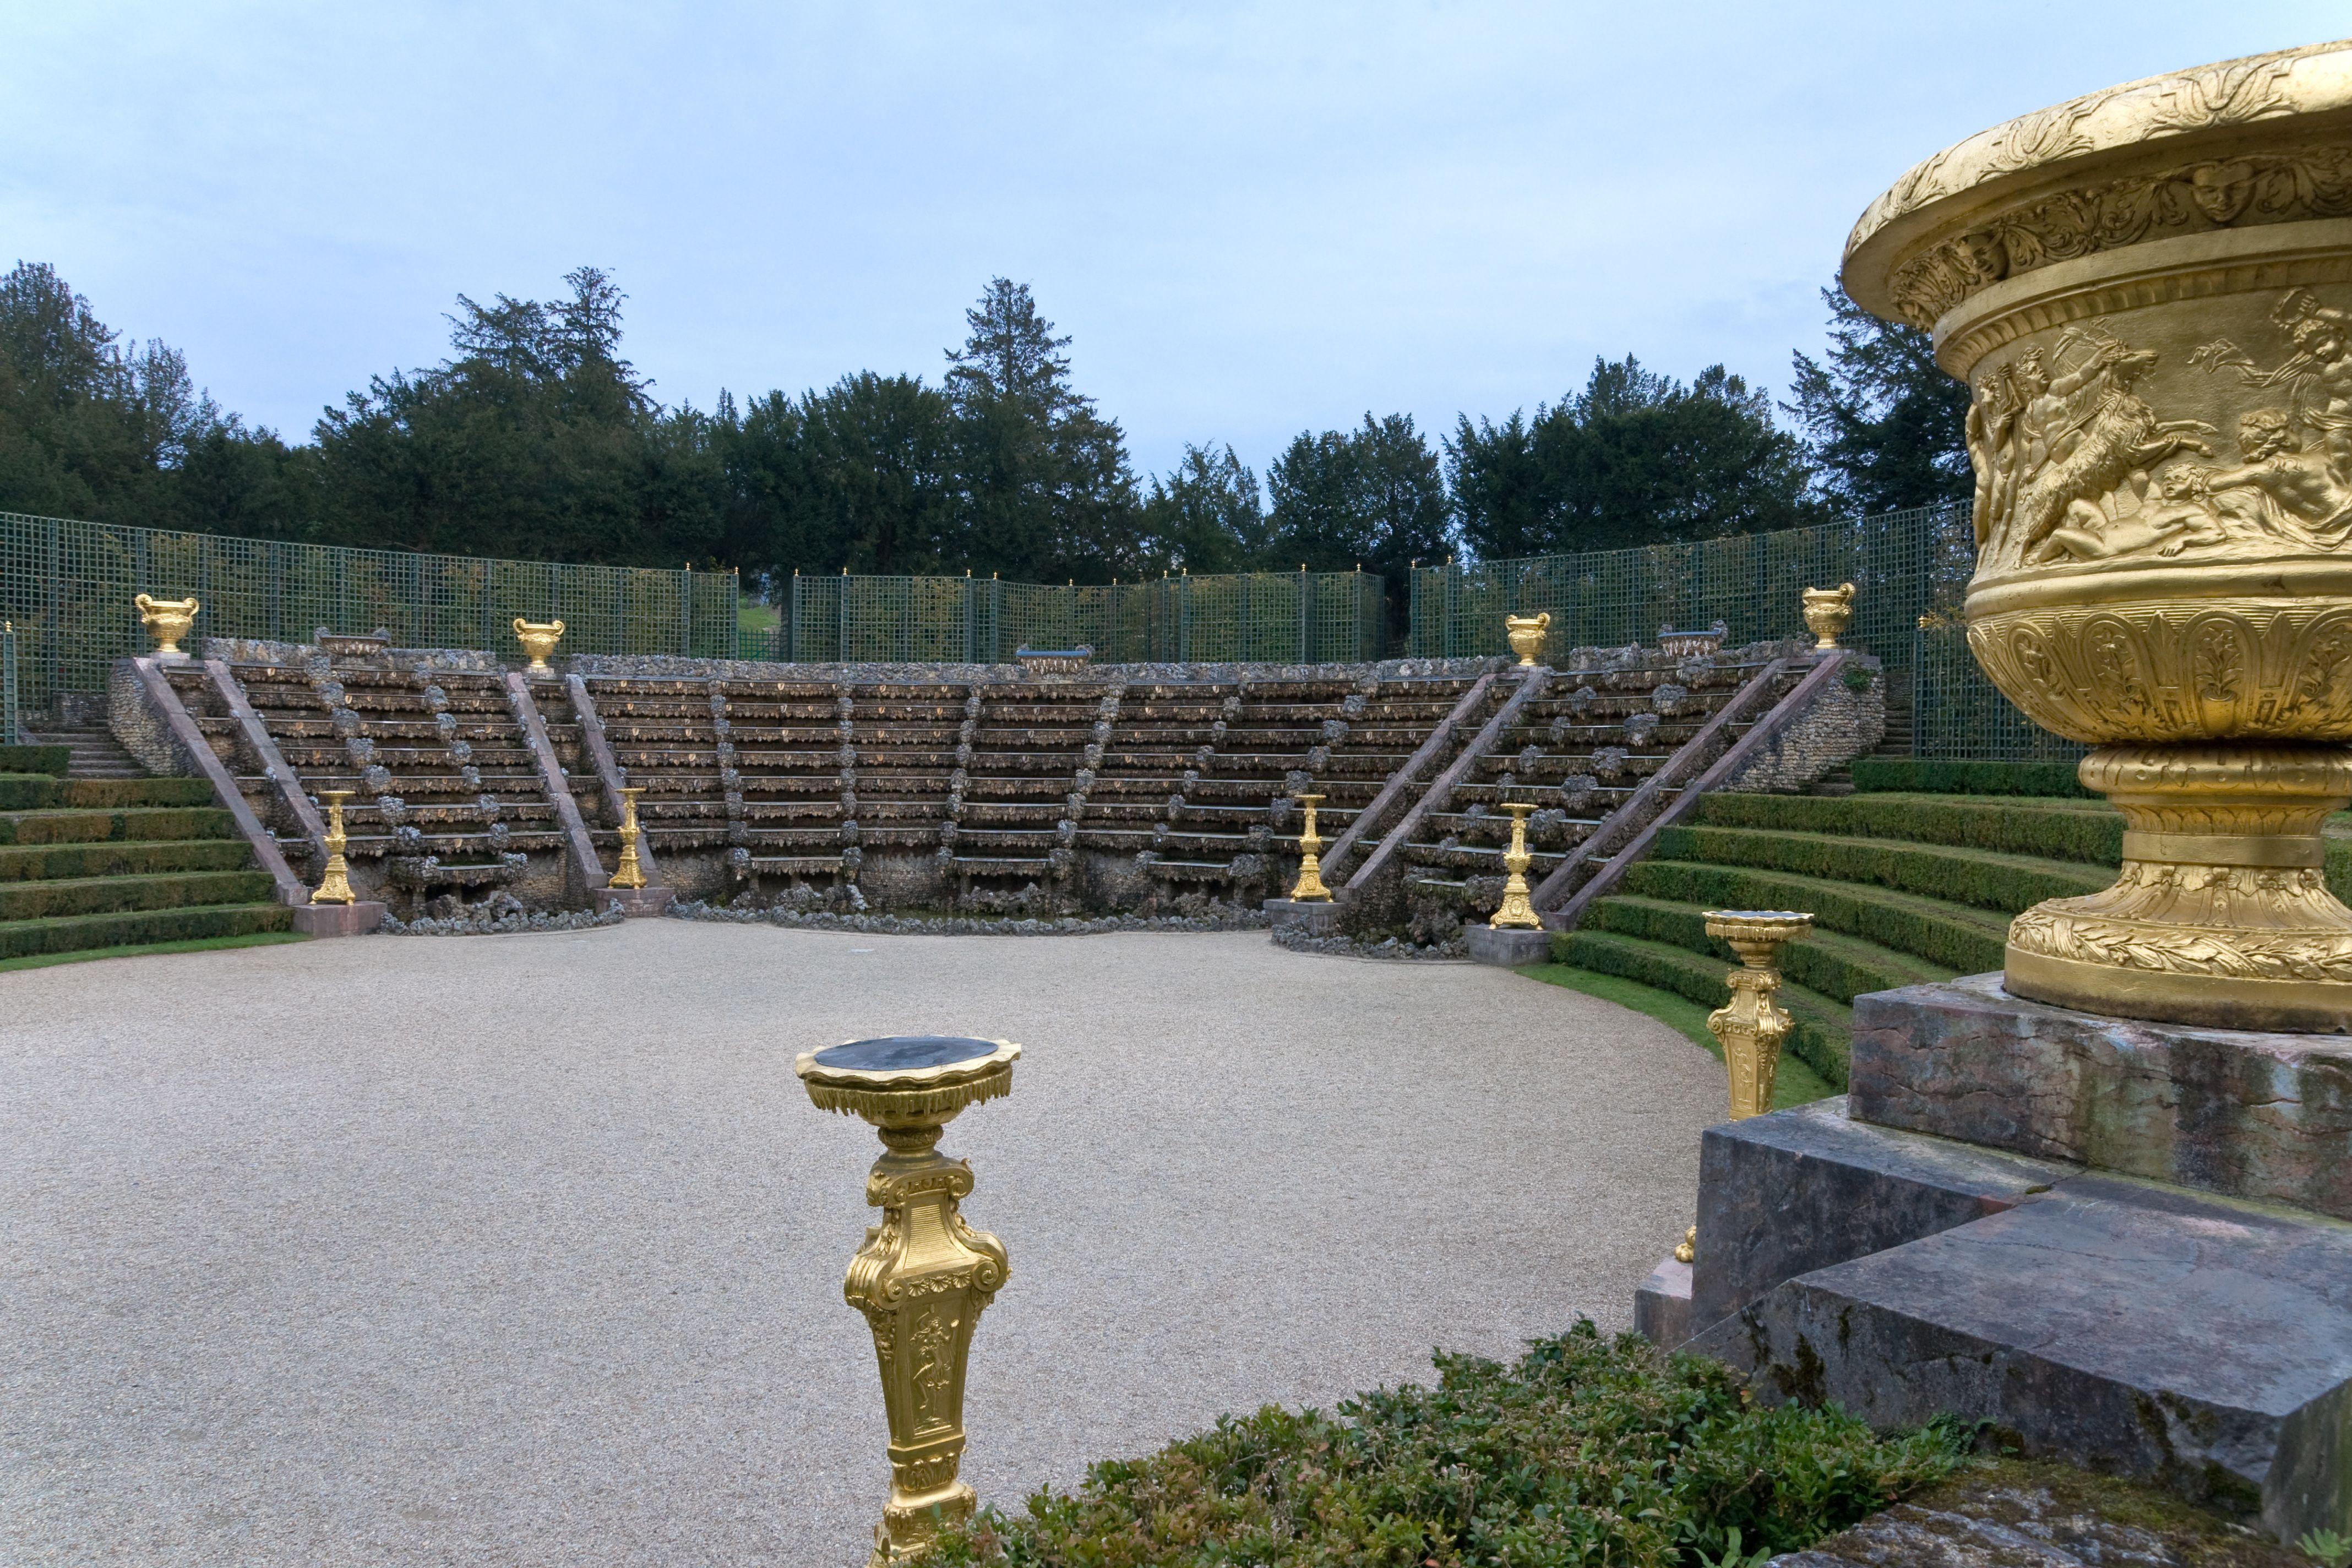 0f16057839379a37a68762baeb93a74a - Palace Of Versailles Gardens Outdoor Ballroom